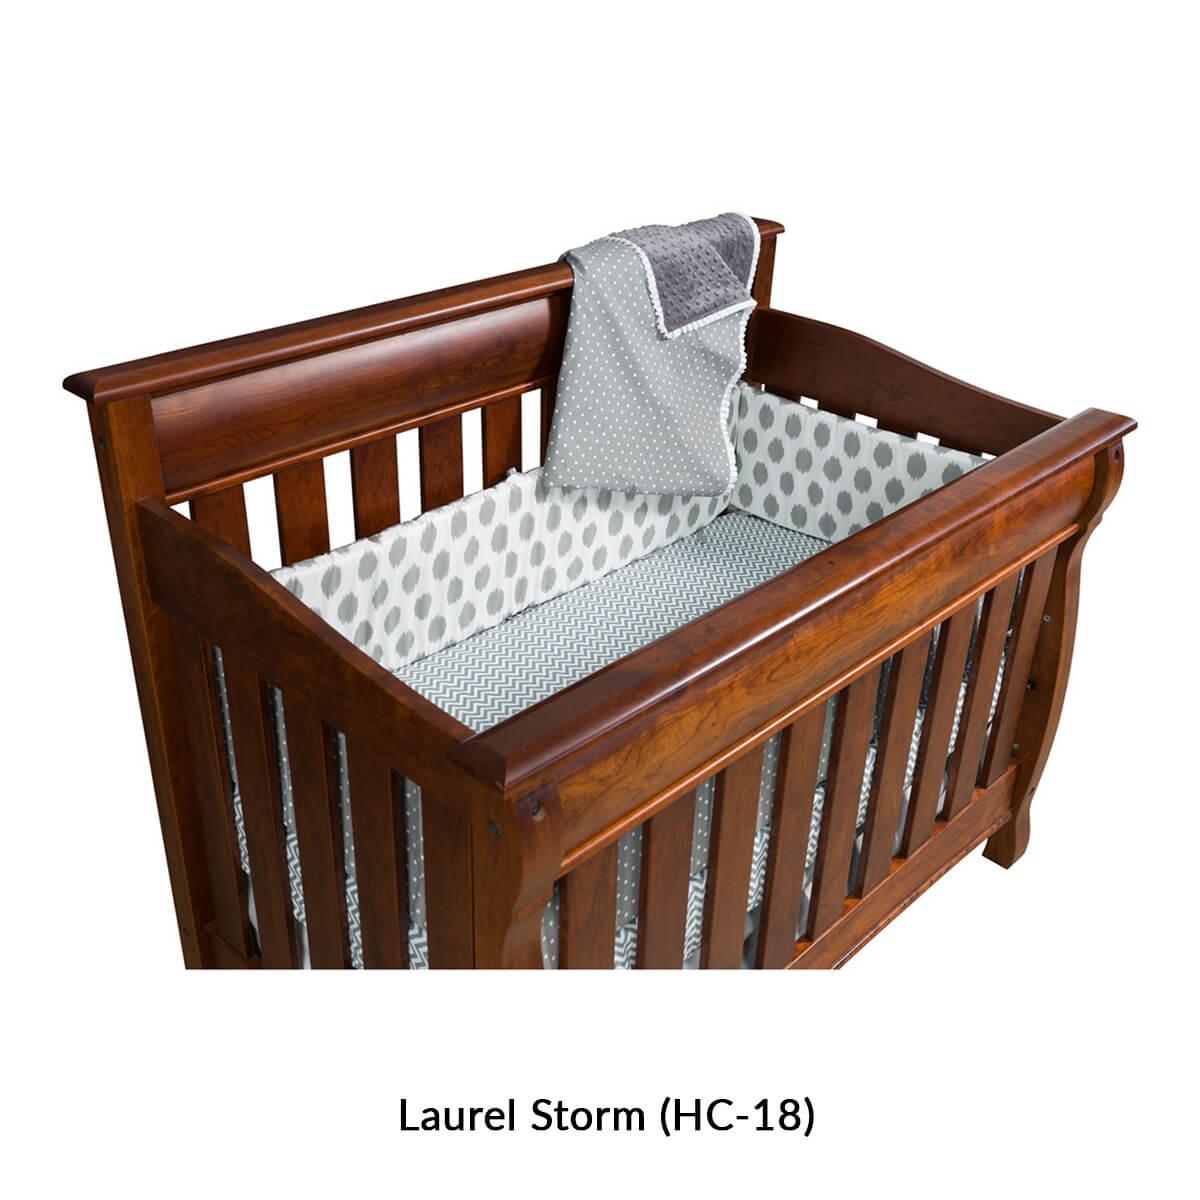 25.-laurel-storm-hc-18-.jpg